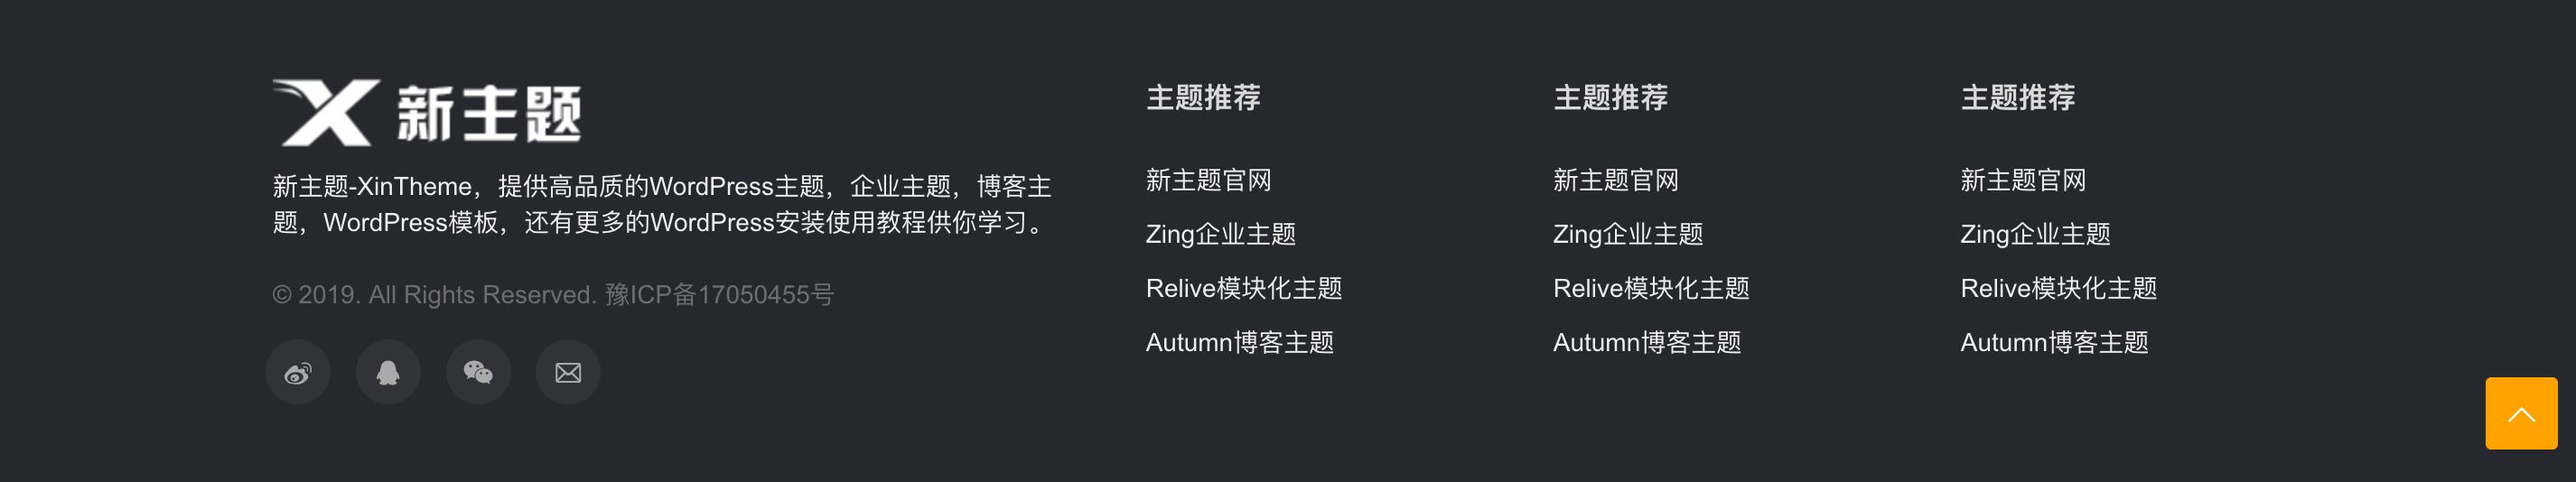 【WordPress】Autumn-Pro 2.4去授权破解版下载插图(18)